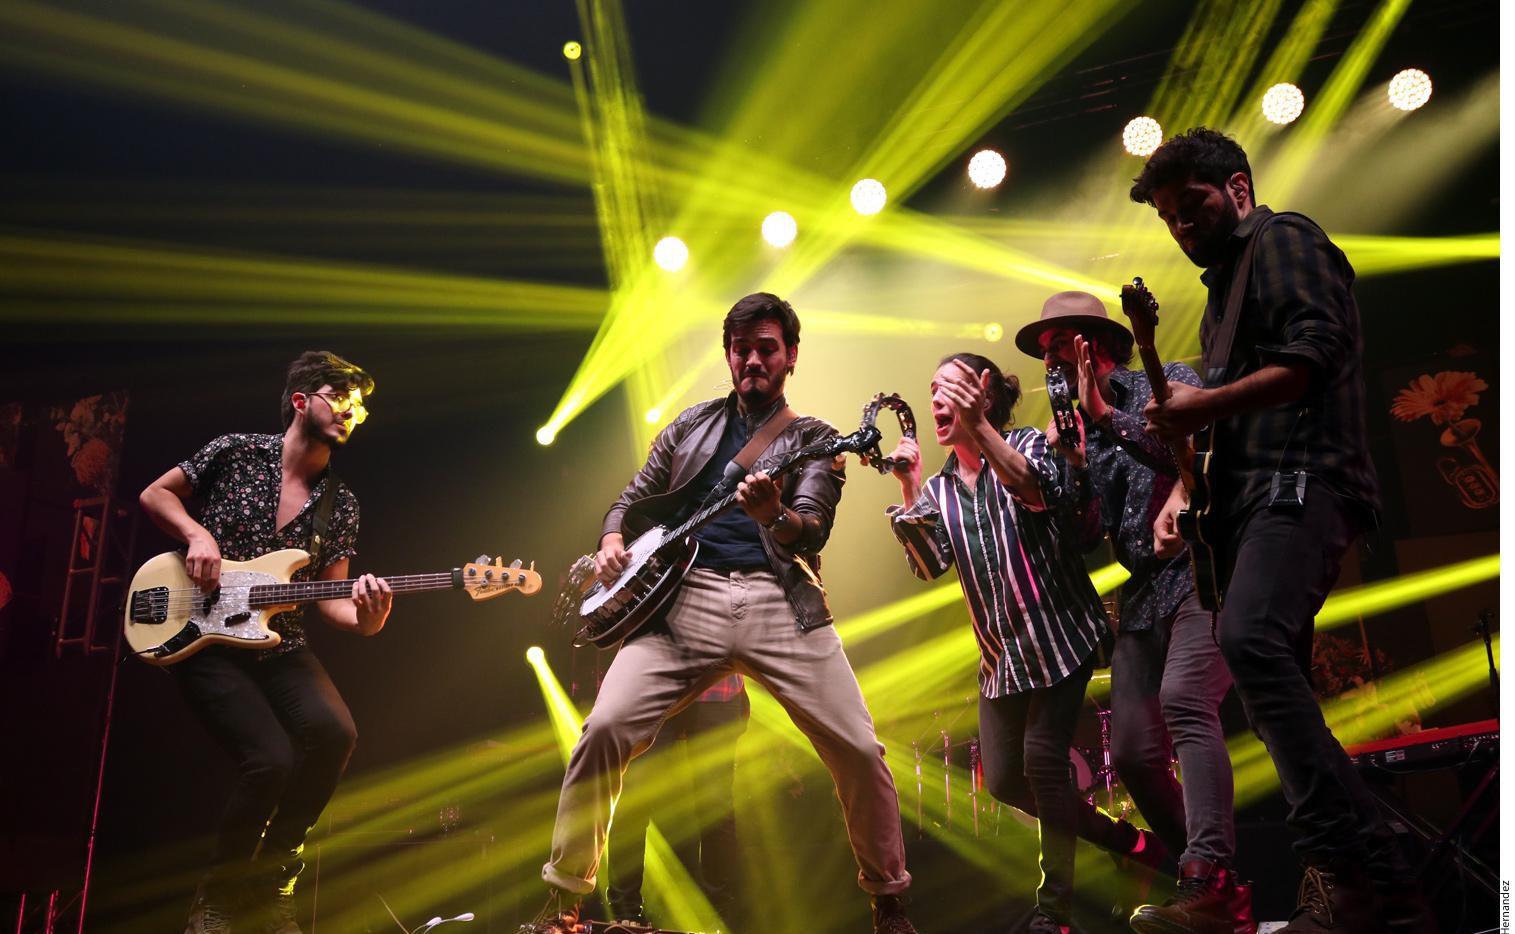 Morat trae su ¿A dónde vamos tour? a Dallas en el Majestic Theatre. El grupo colombiano de pop-folk tendrá seis shows en Texas.